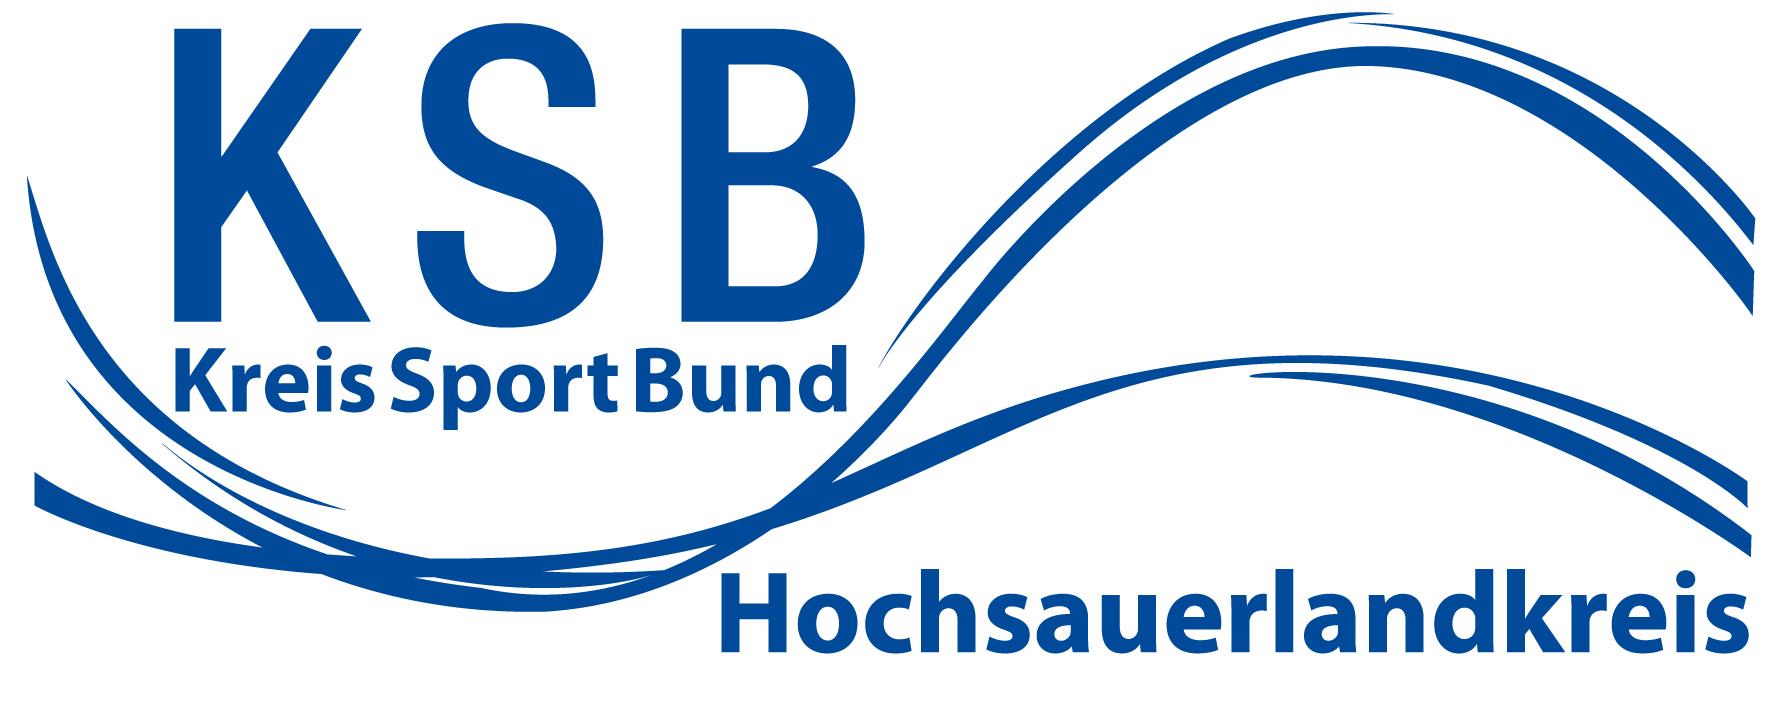 KSB_logo_1110